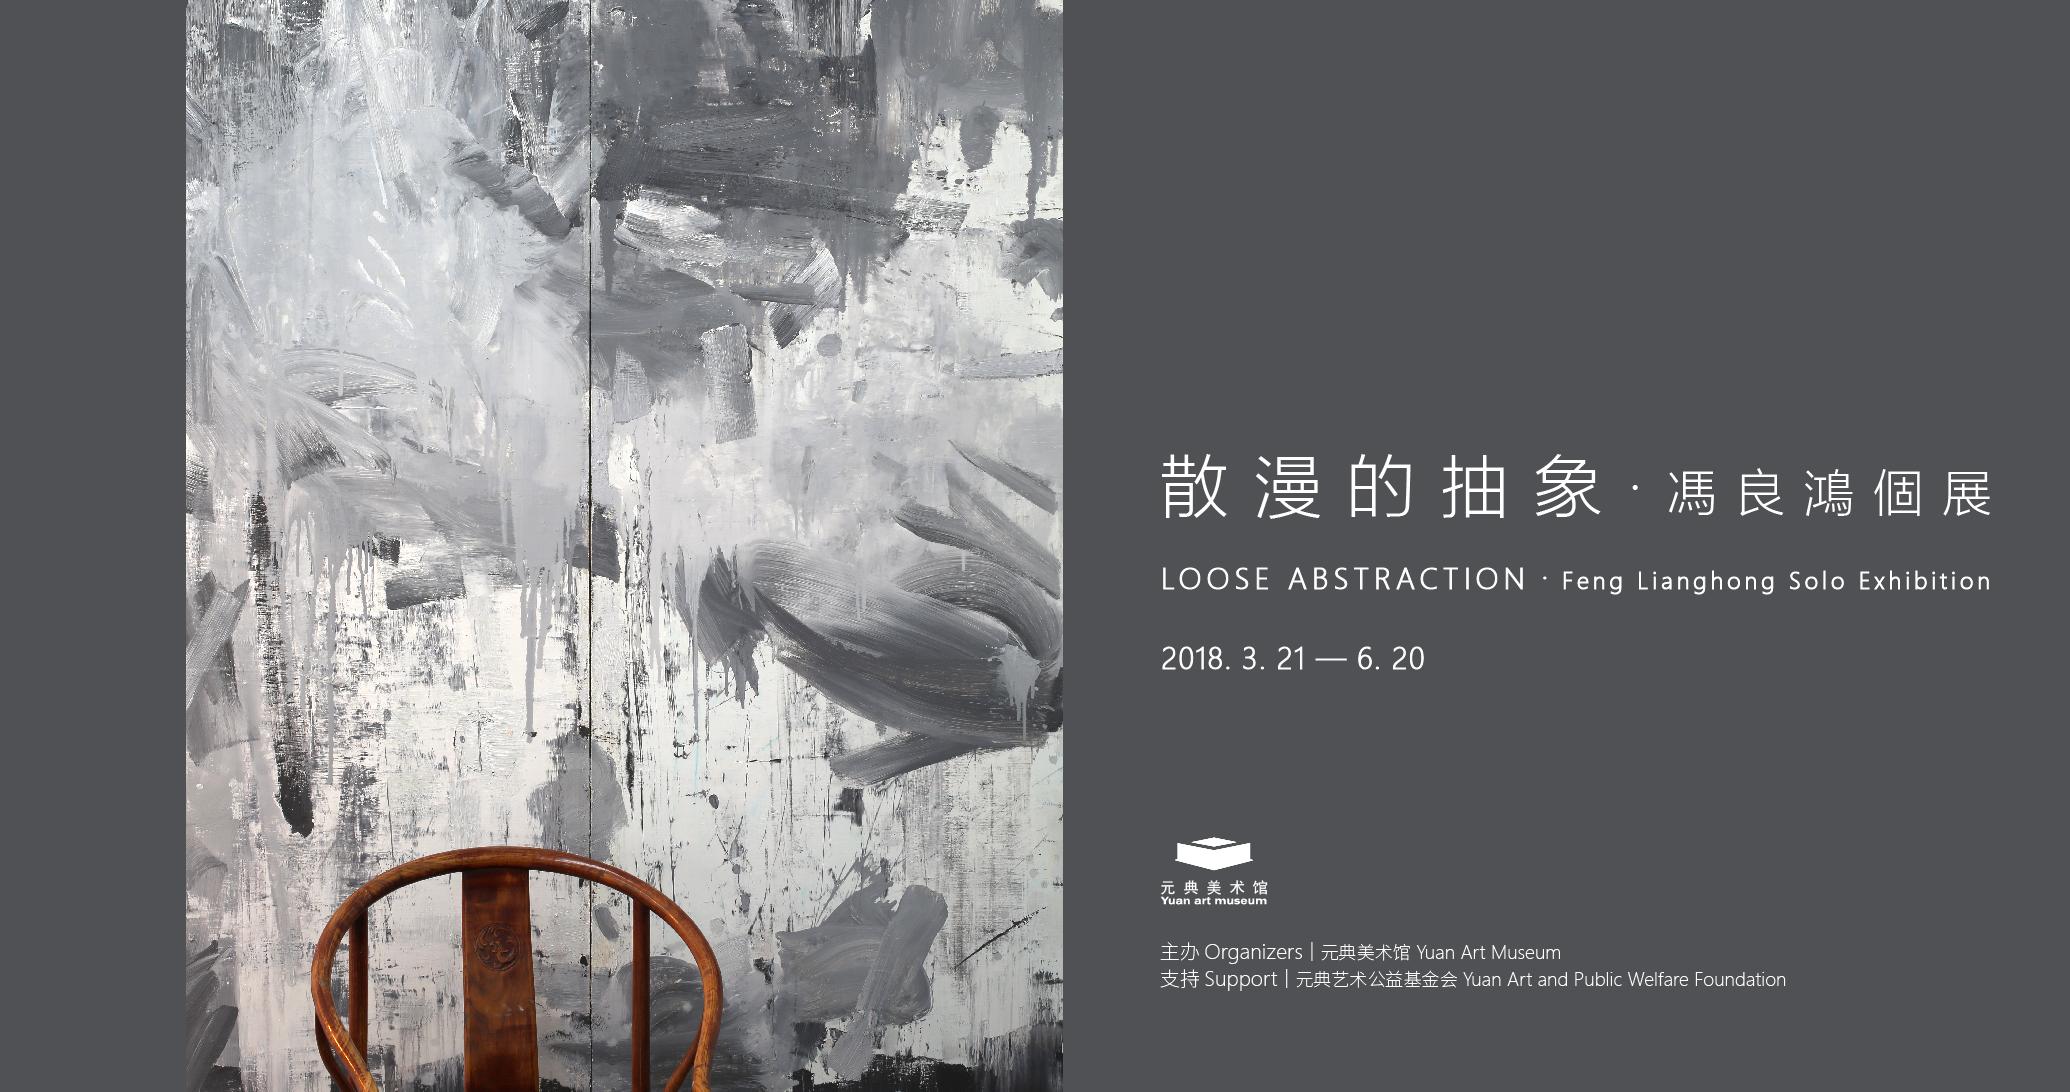 meishubao/2018031913562939325.jpg